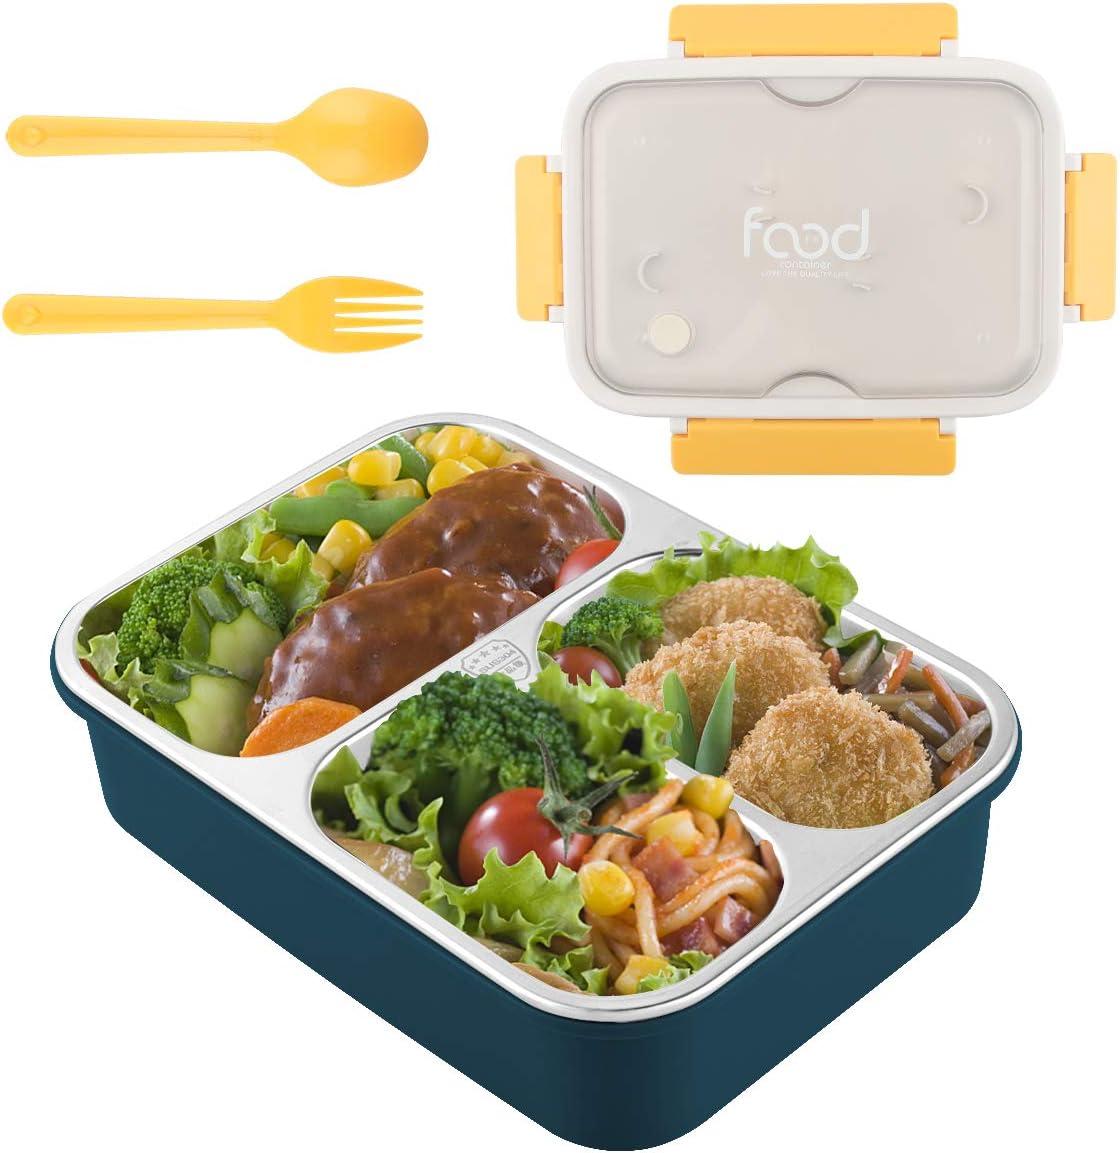 Fiambrera Adultos De Acero Inoxidable Lunch Bento Box Dos Niveles con Tres Compartimentos Contenedor de Alimentos Caja Bento de Acero Inoxidable Fiambreras para Niños